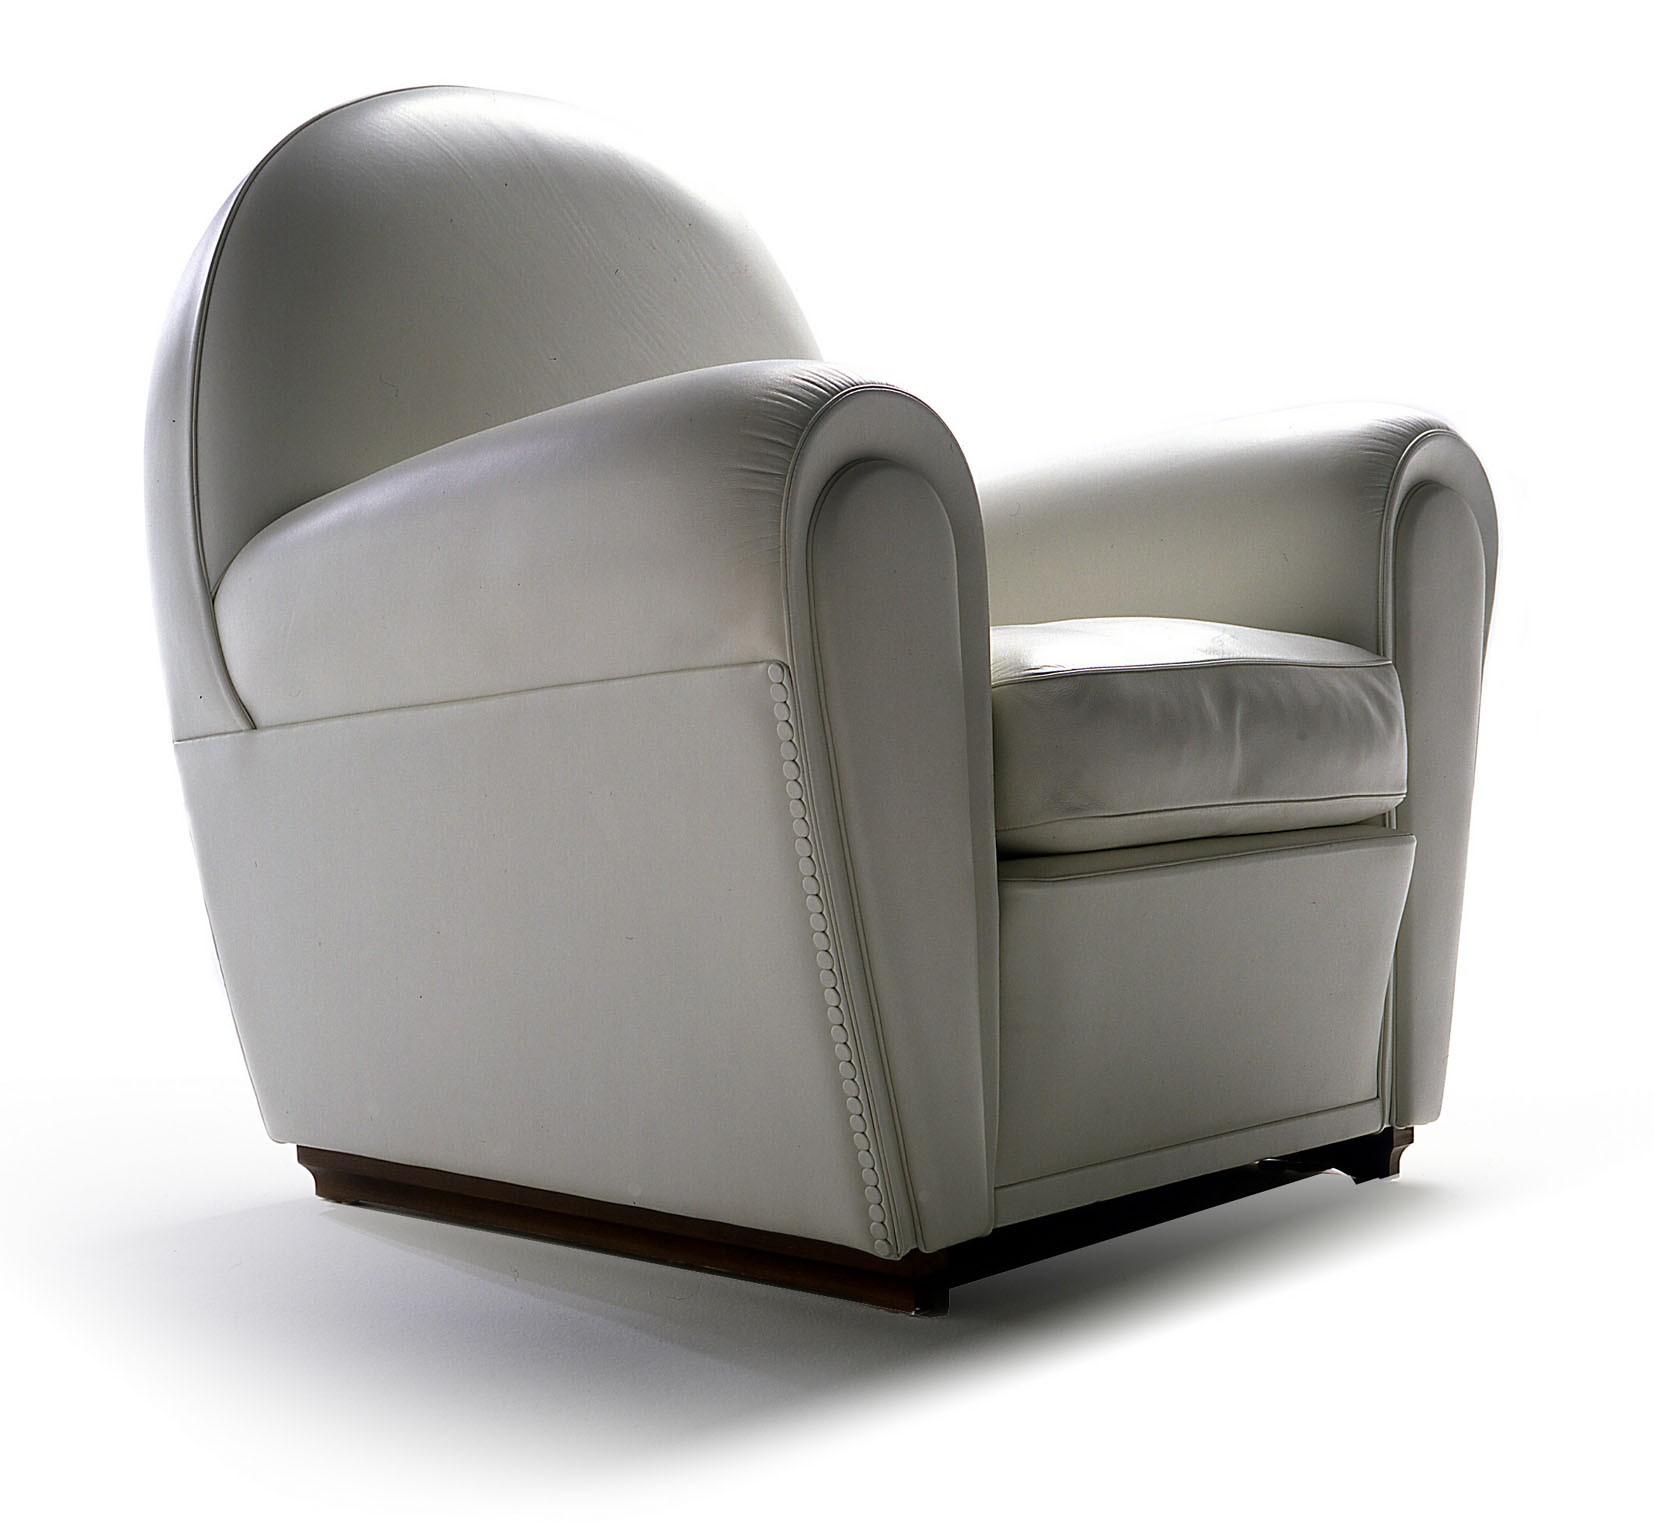 Poltrona Frau Vanity Fair Armchair | Deplain.com